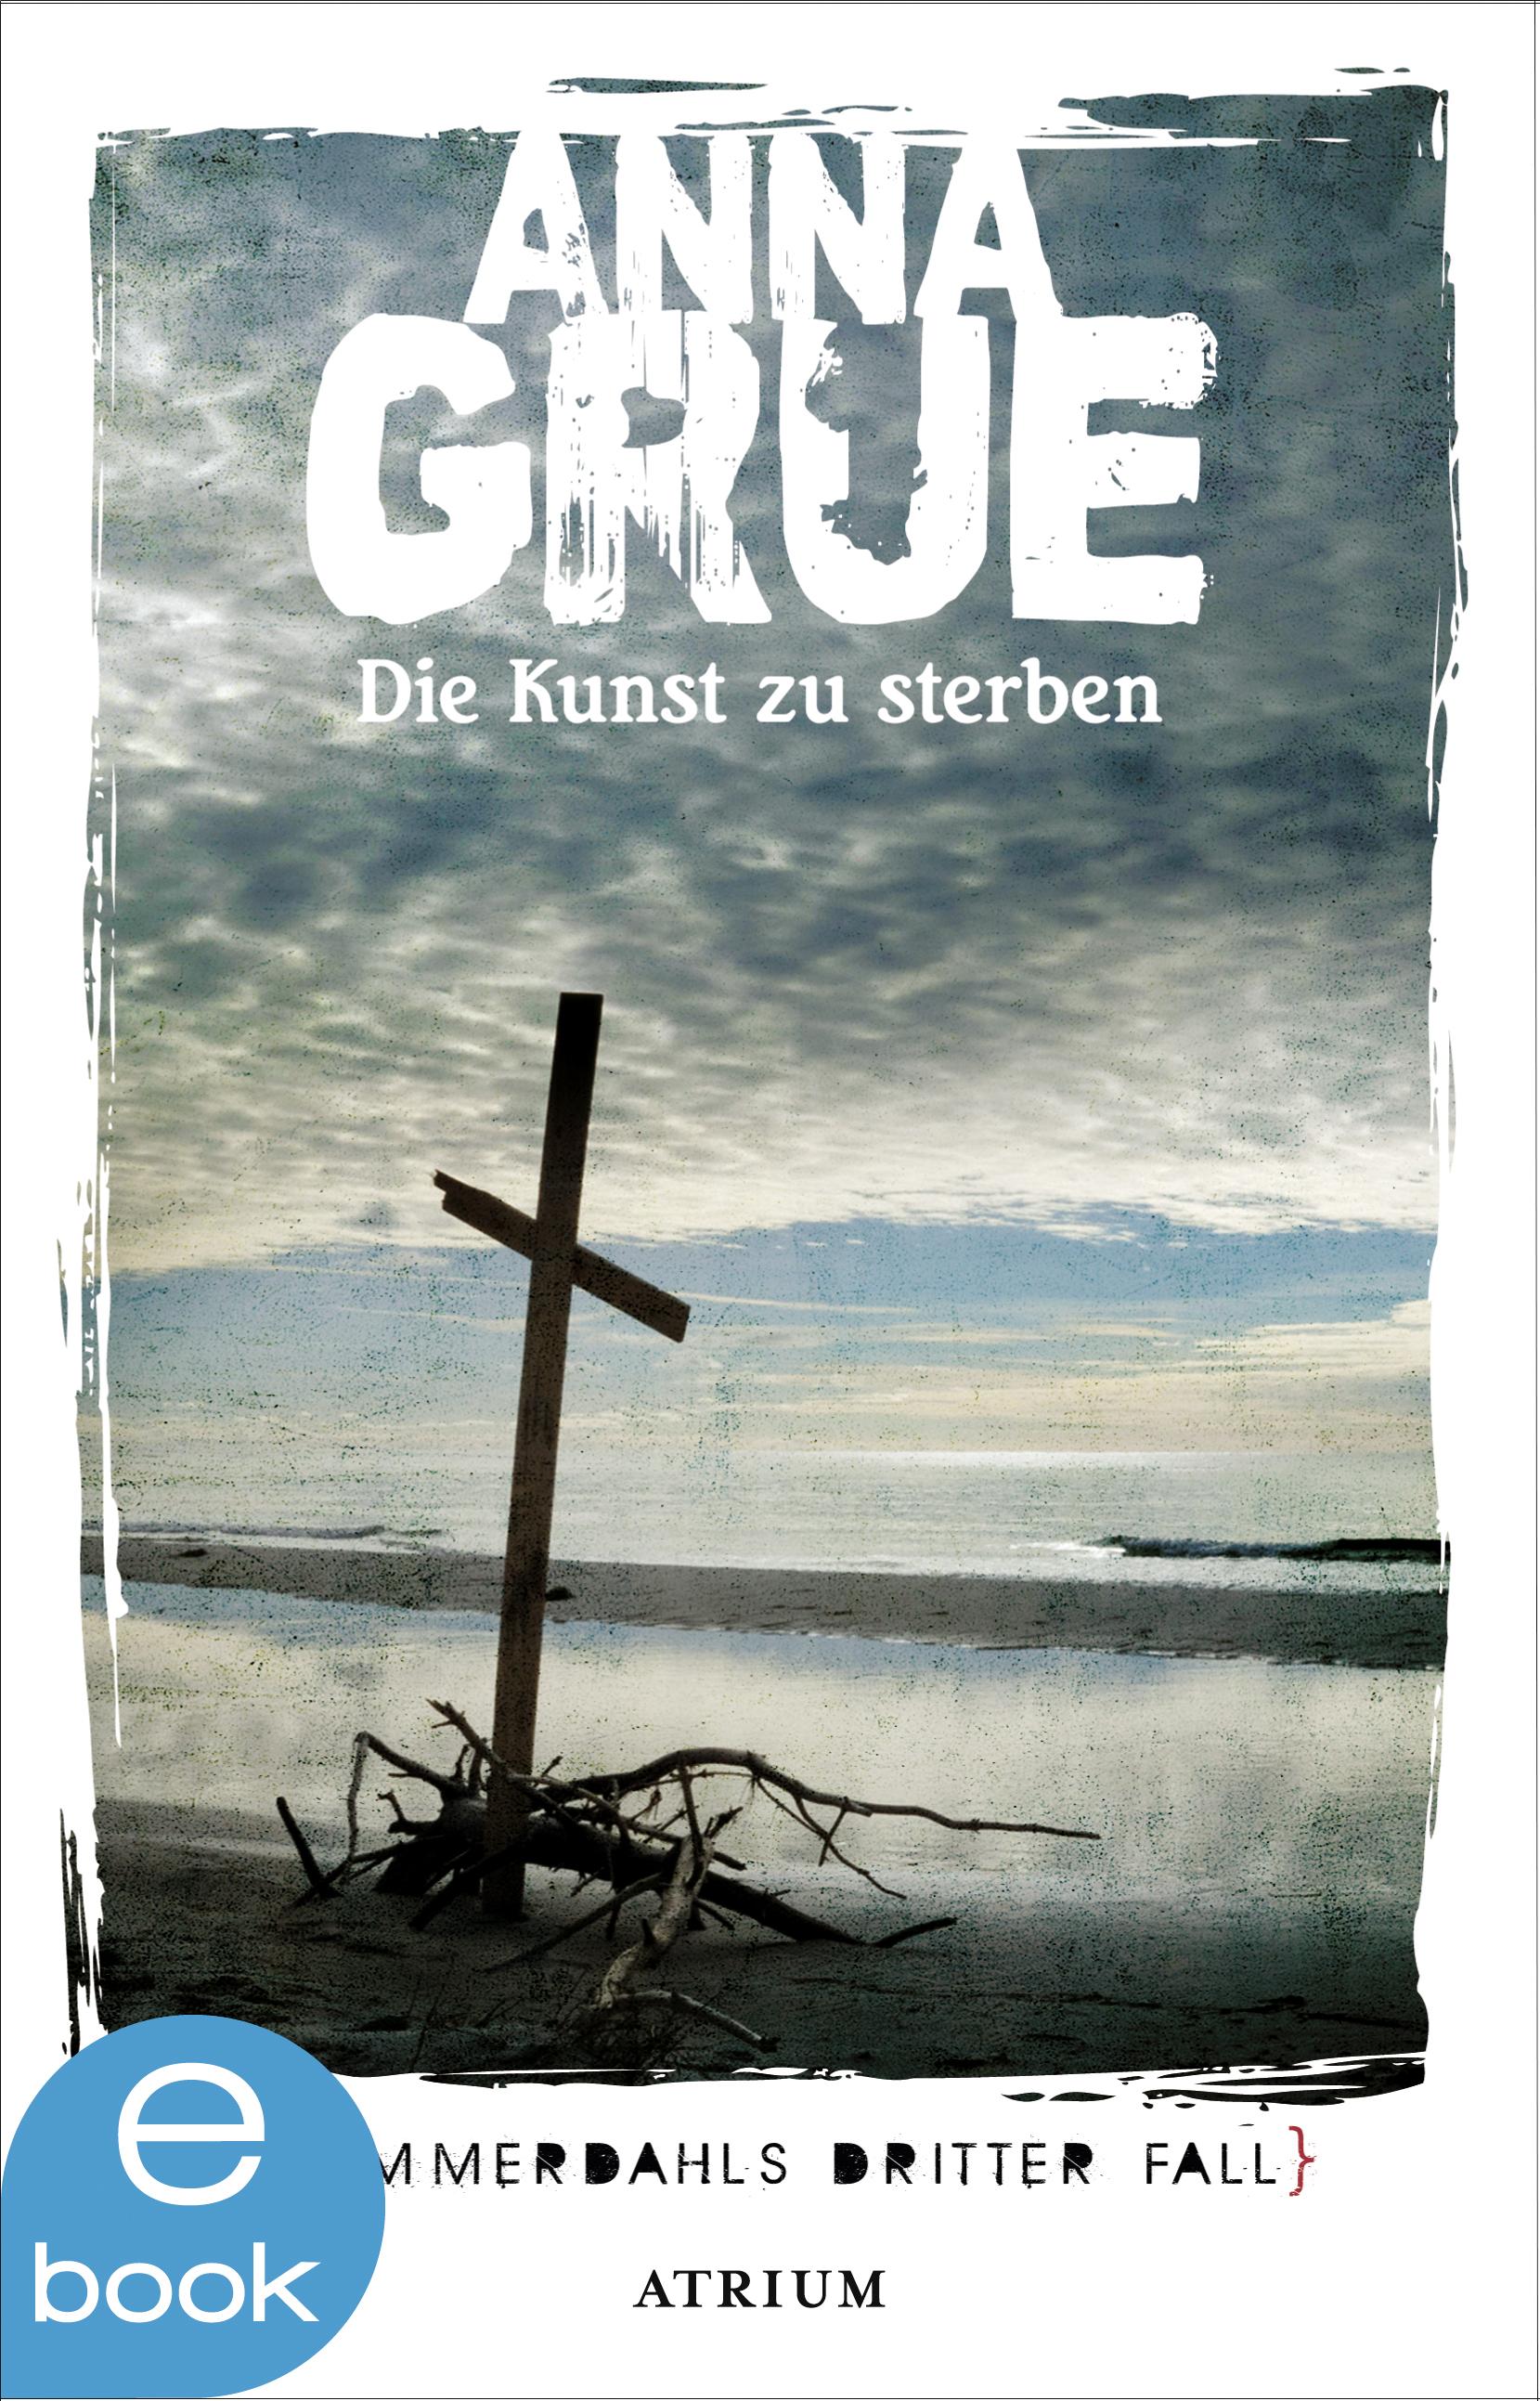 Anna Grue Die Kunst zu sterben veronika deschliesst zu sterben